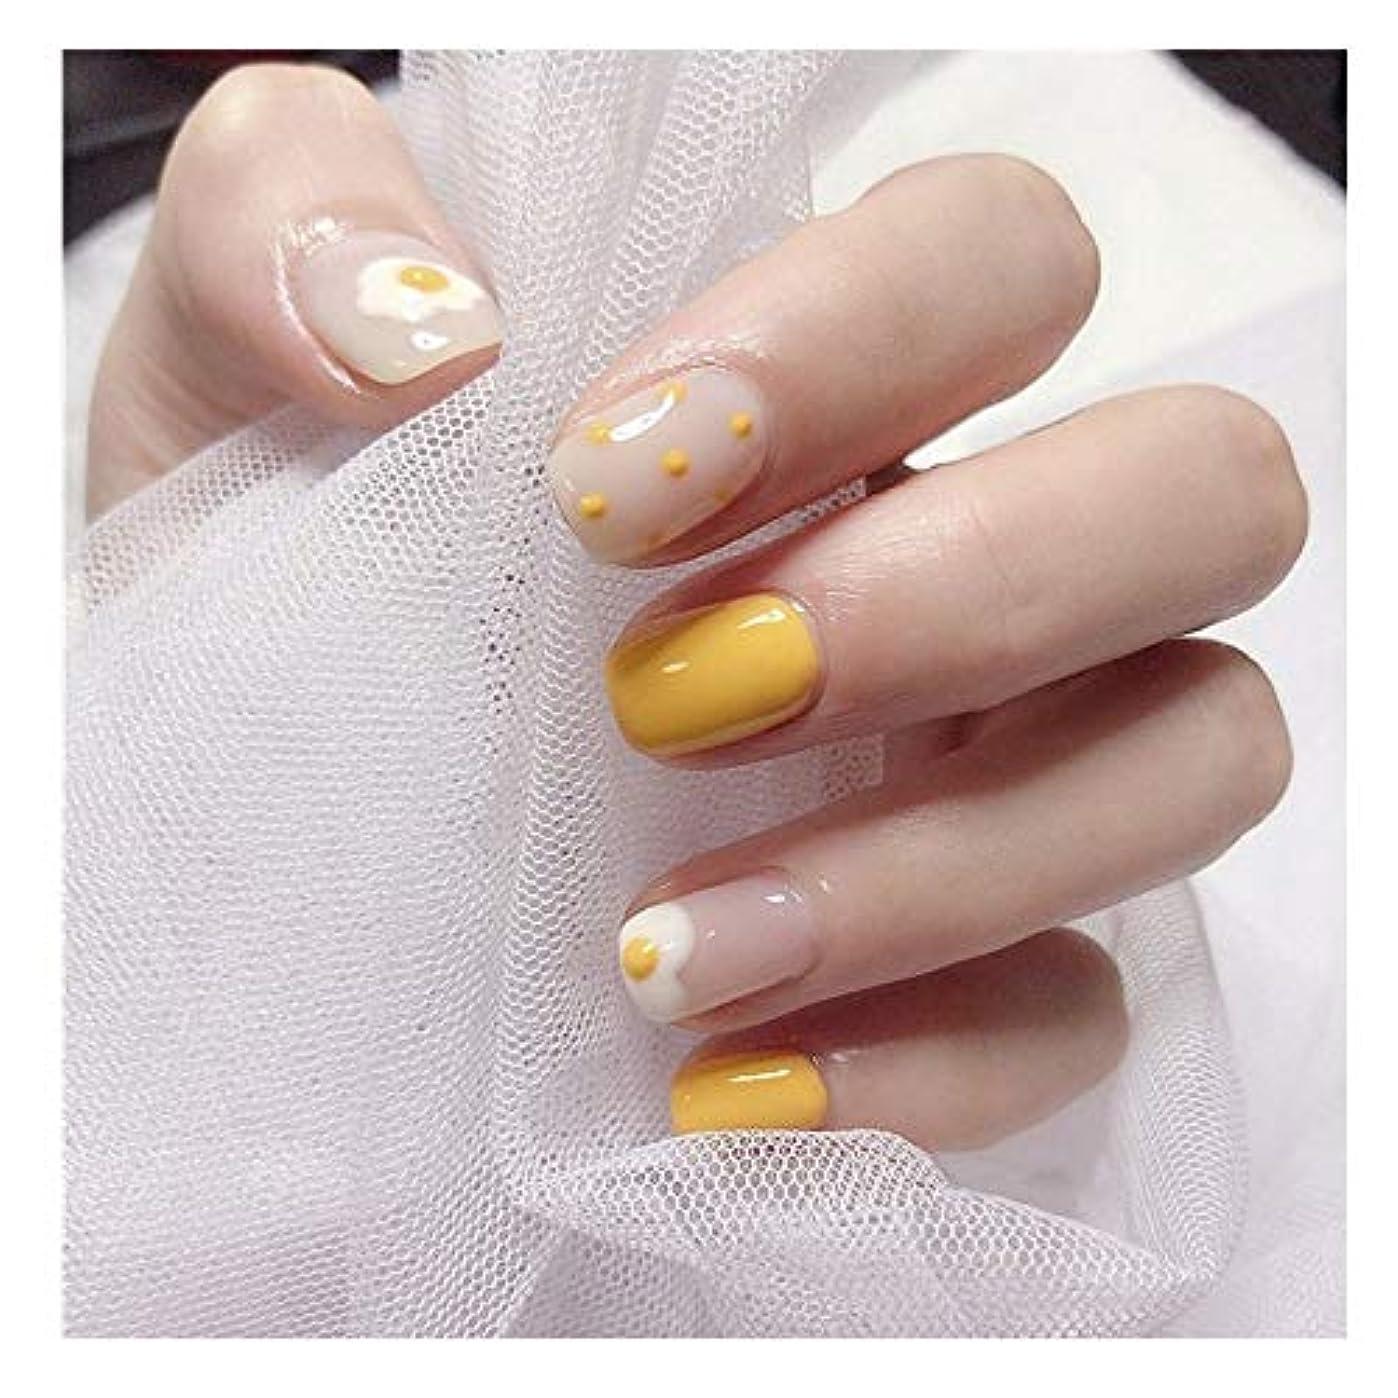 大事にする突撃公平なBOBIDYEE 黄色の卵偽の釘のショートスクエアネイルグルー完成ネイルアートフェイクネイルズ (色 : 24 pieces)